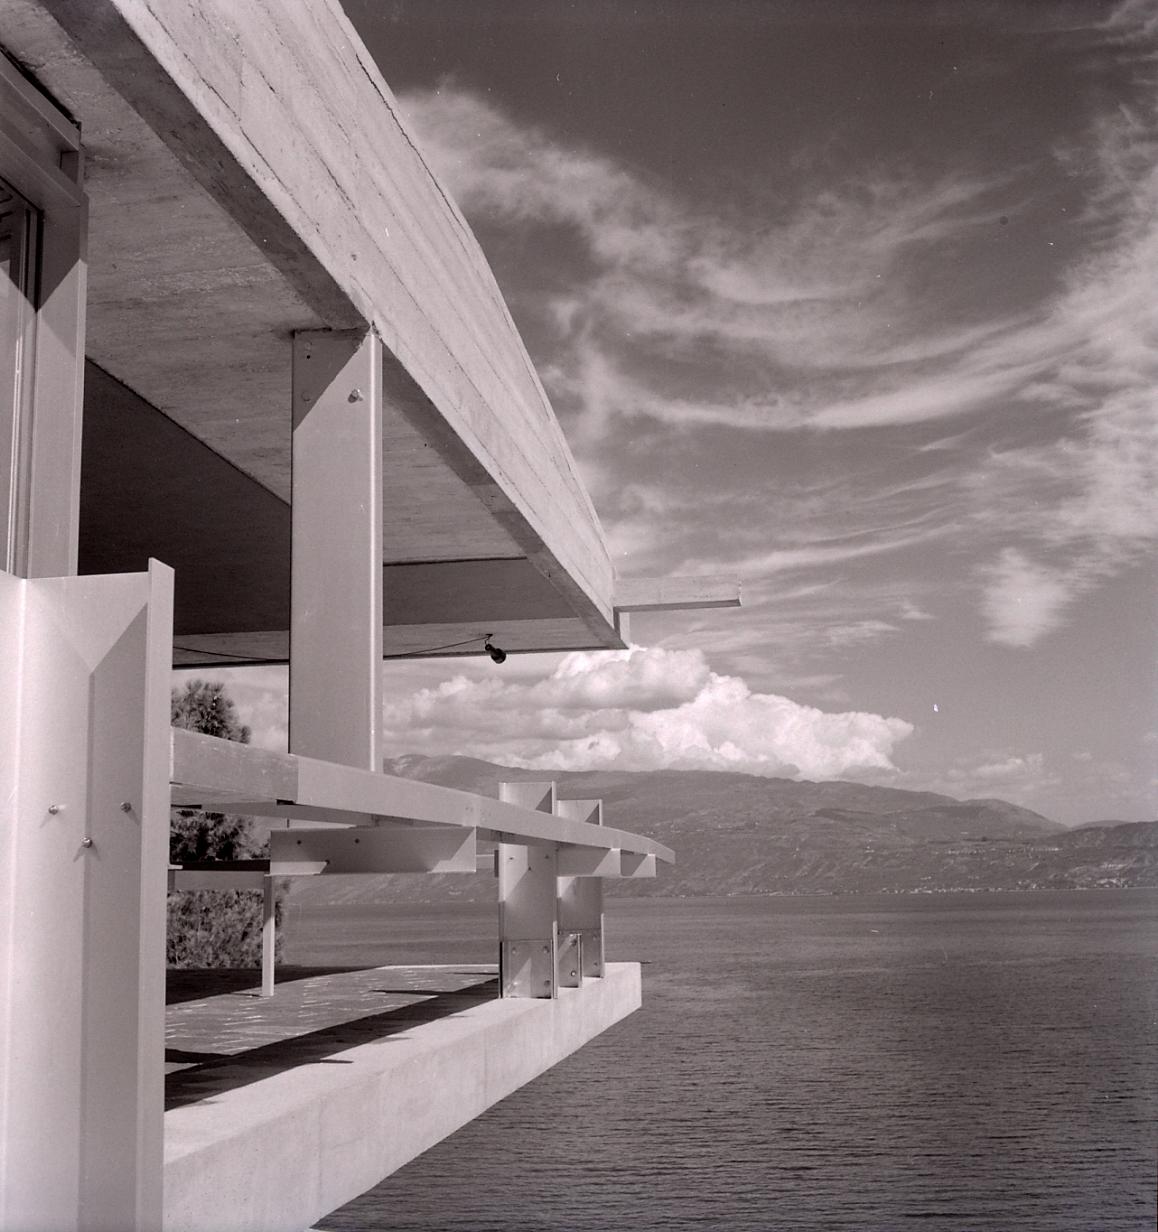 Andr bloc wikipedia for Case di architettura spagnola